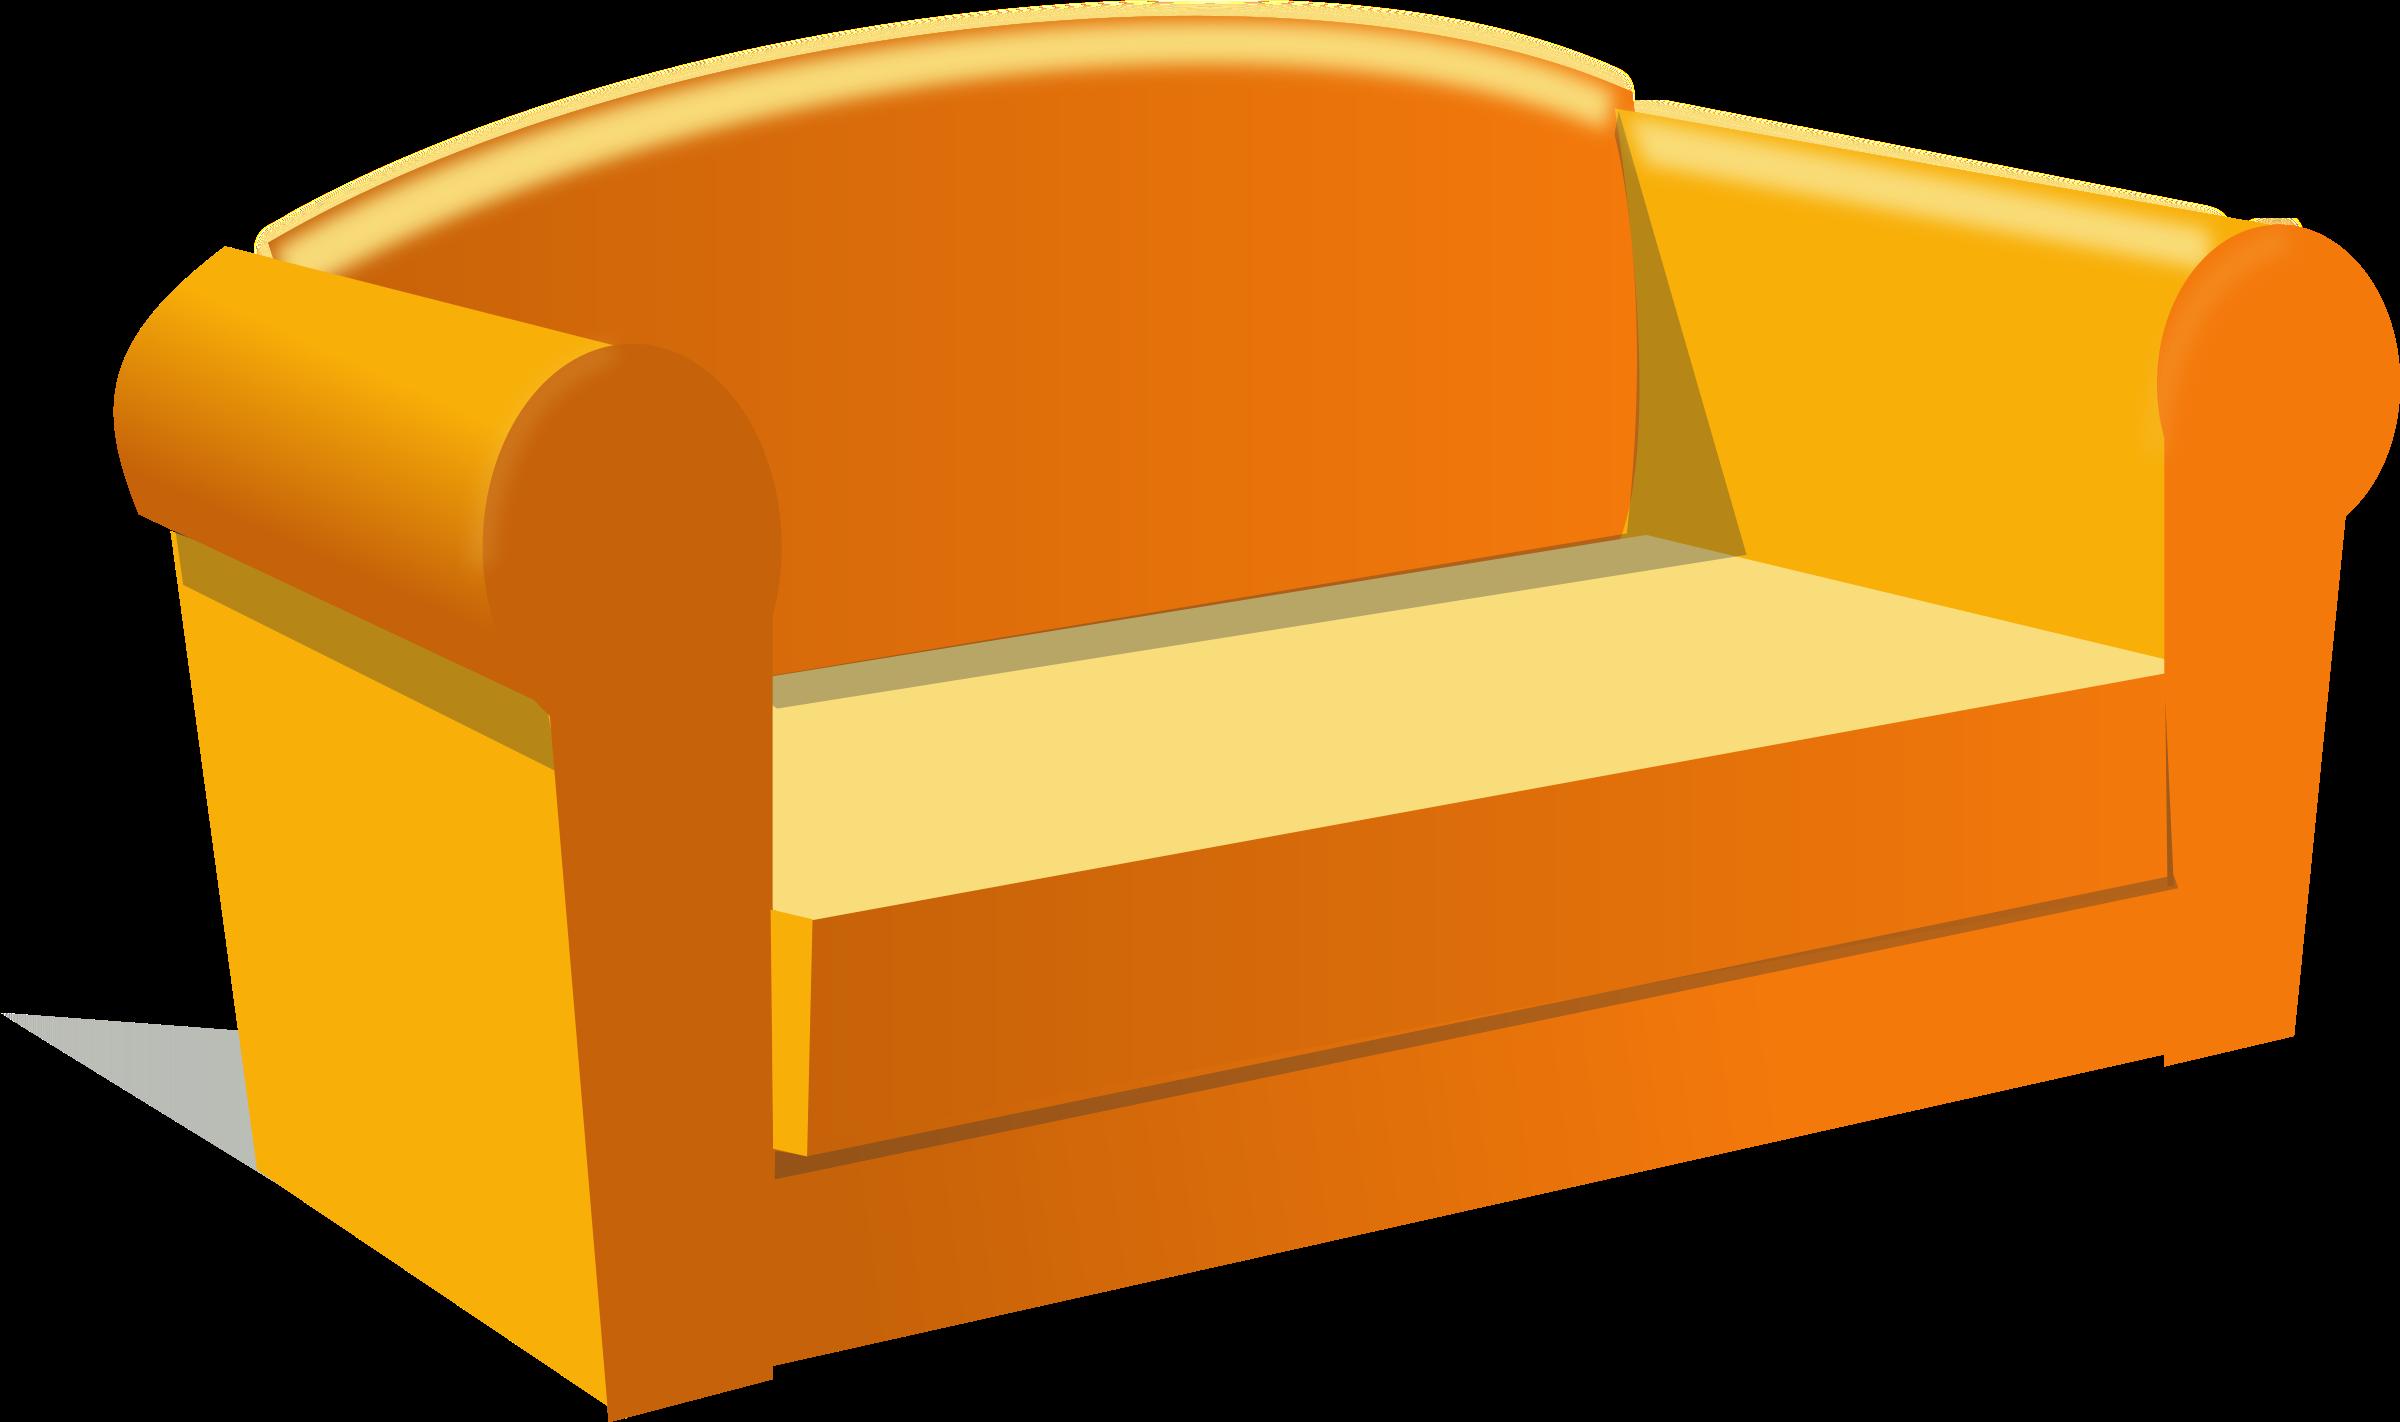 2400x1422 Clip Art Sofa Clip Art